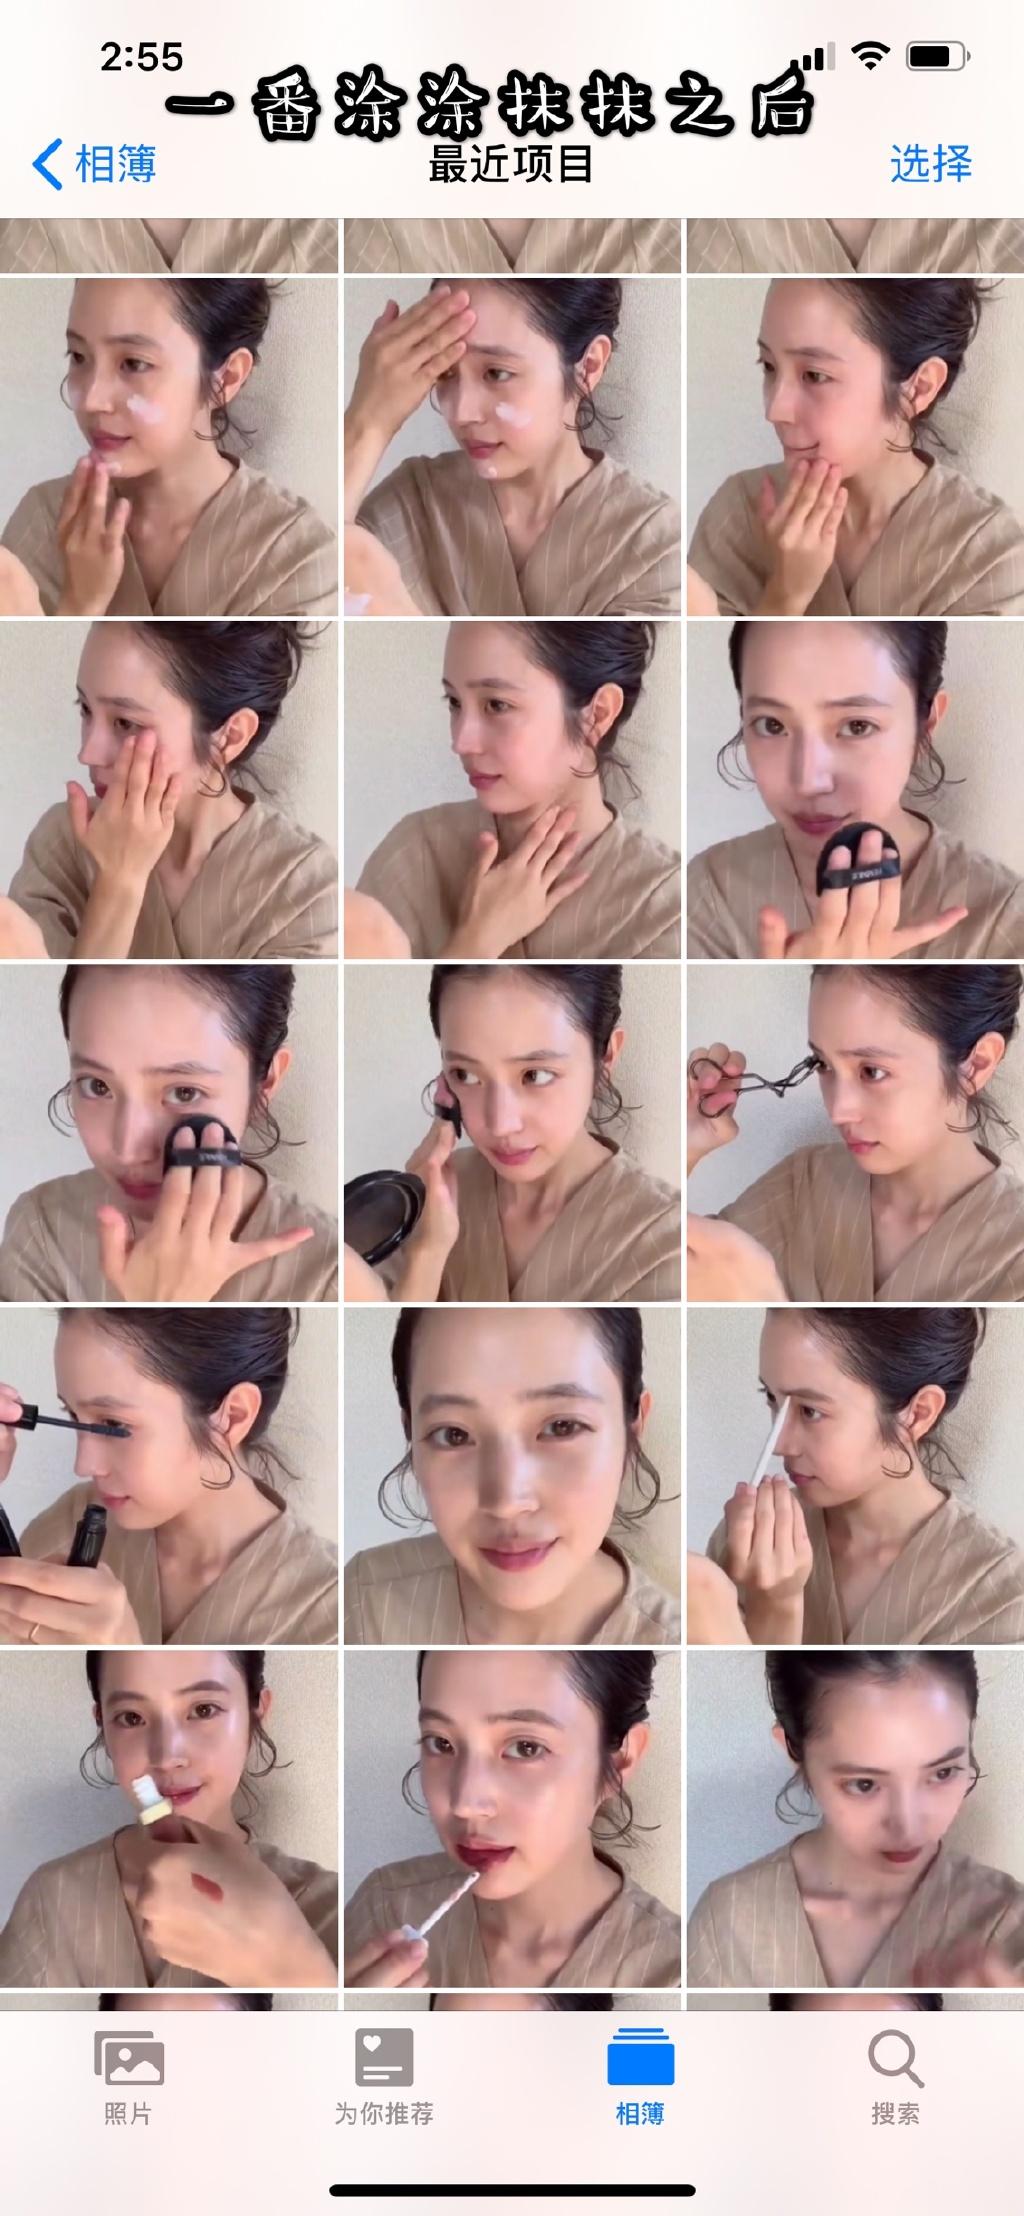 藤田素颜和化妆有啥区别????我落泪 涨姿势 第2张